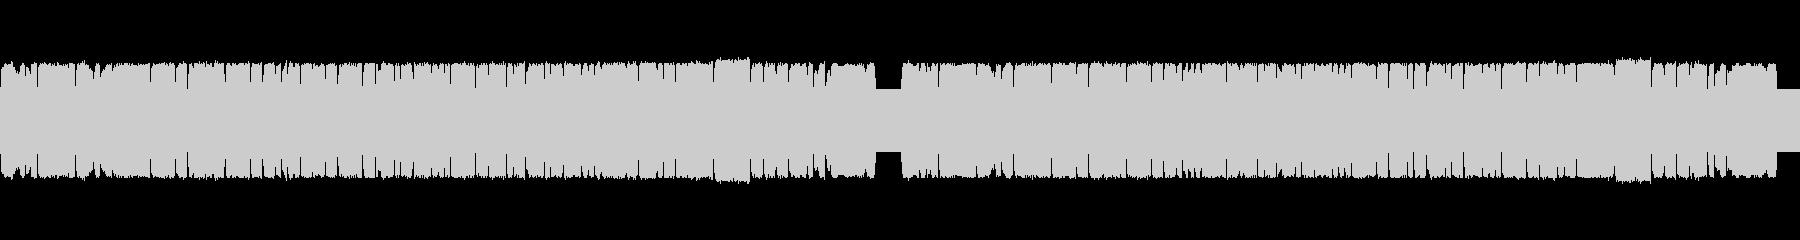 きよしこの夜(8bitピコピコ)の未再生の波形